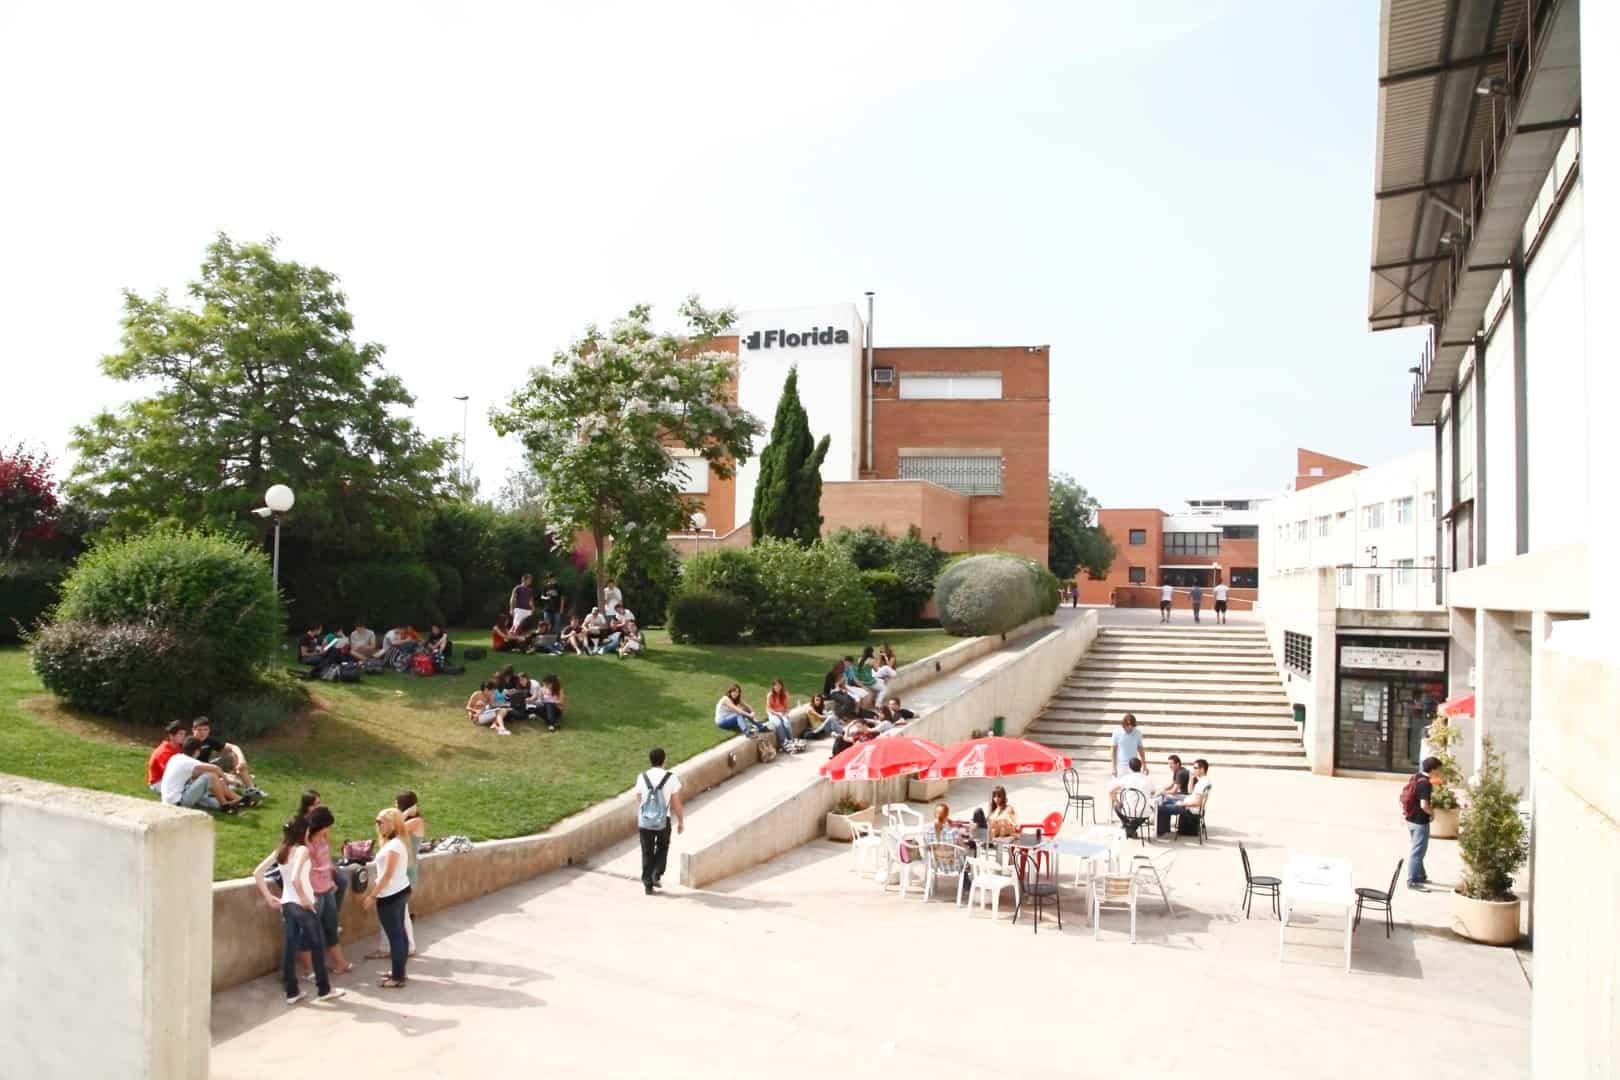 Universidad La Florida Valencia